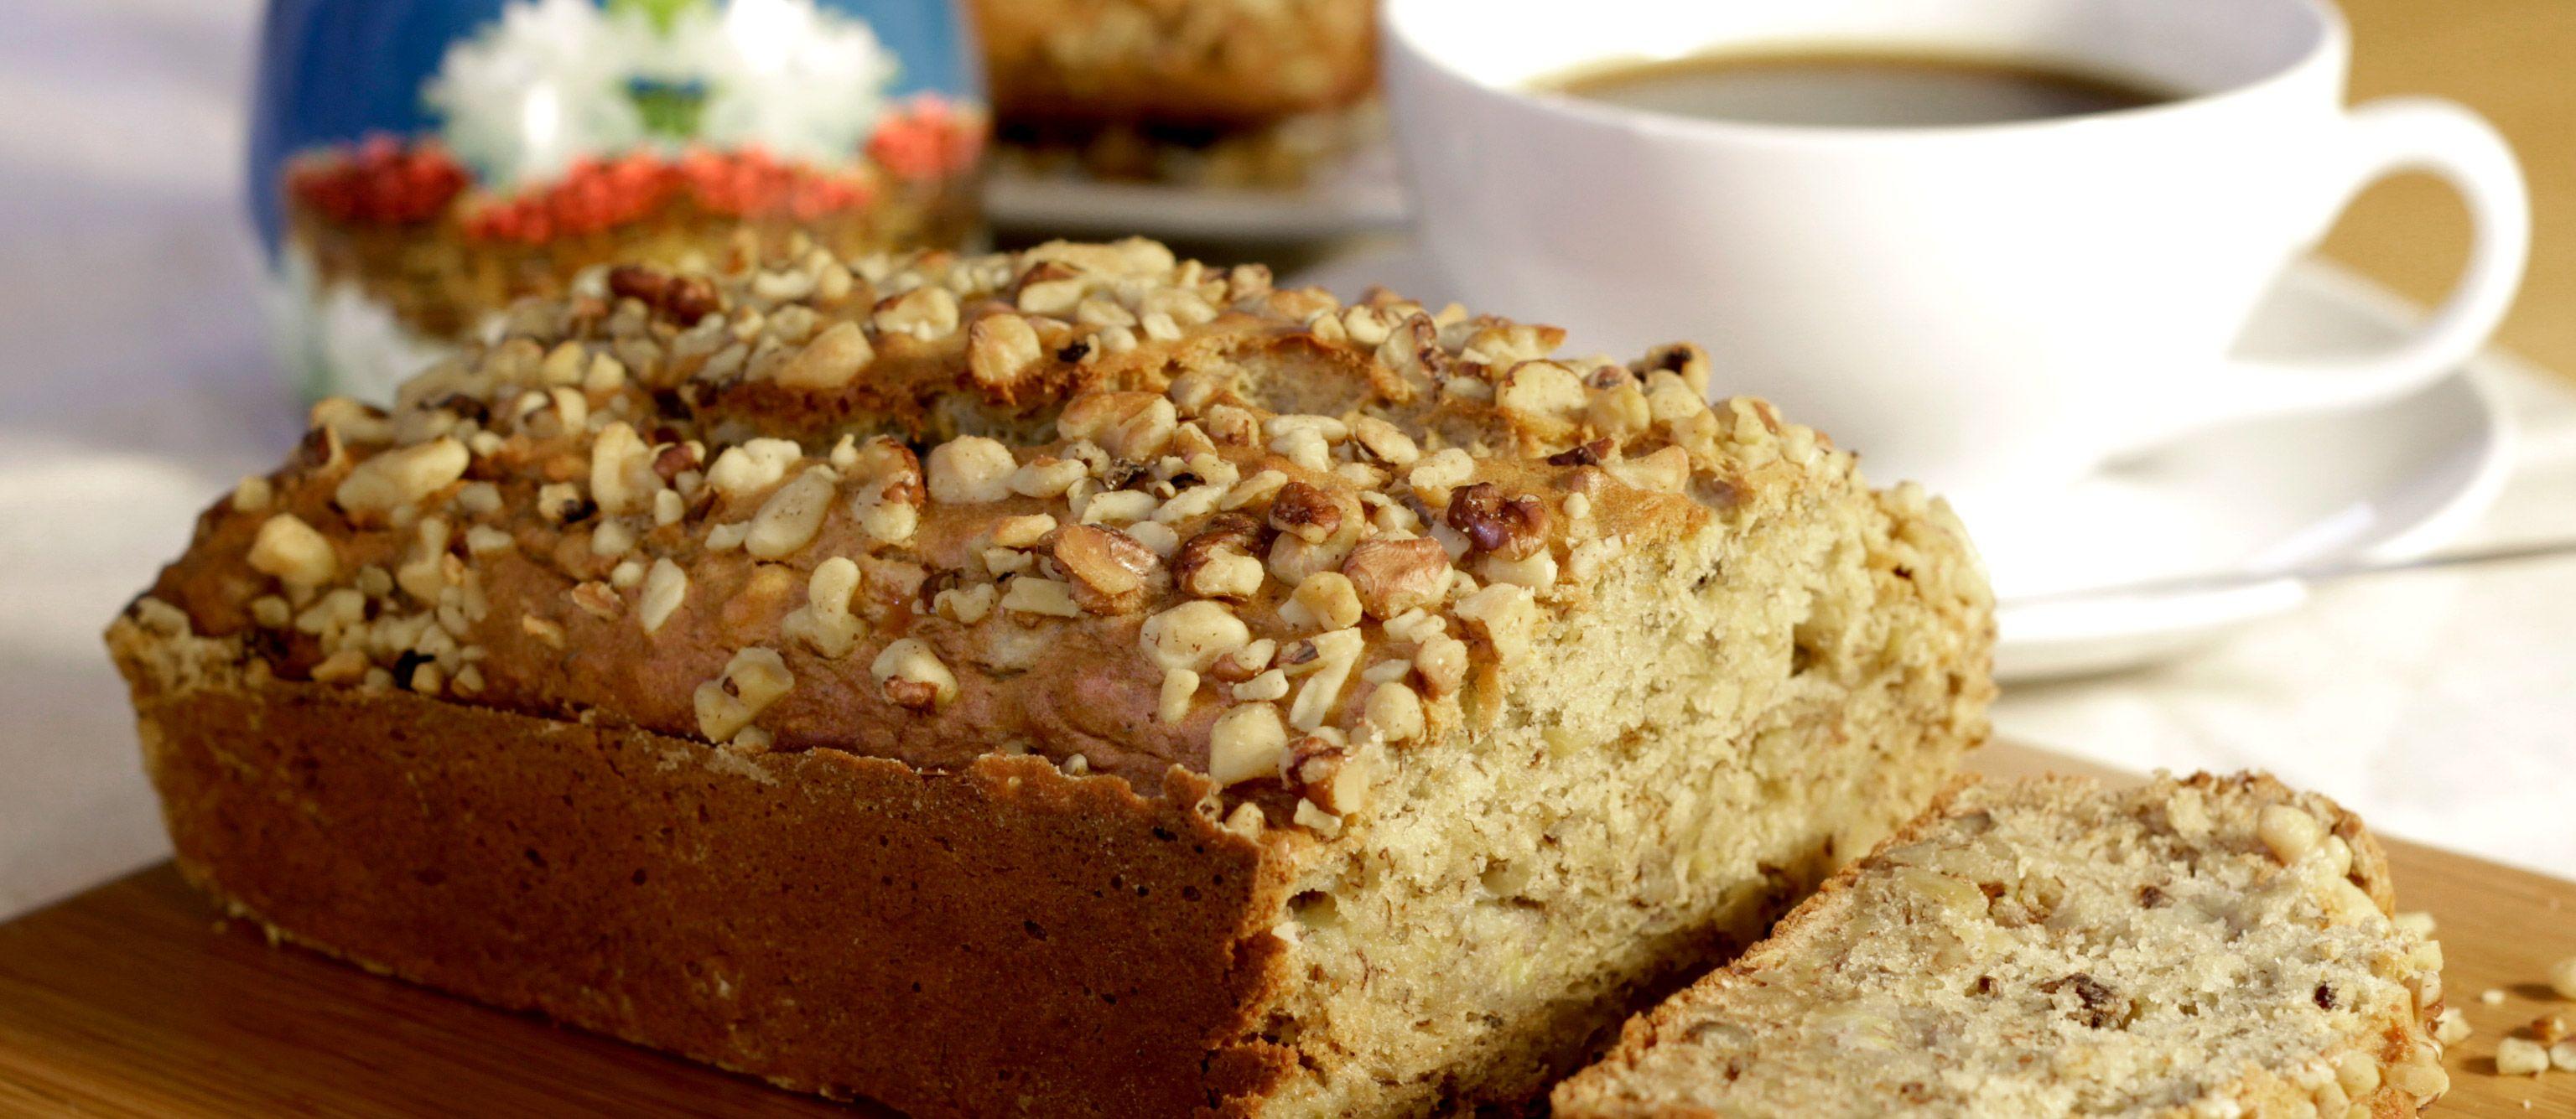 Una receta fácil y económica, que va a disfrutar toda la familia. Un pan exquisito, para acompañar una buena taza de café o chocolate caliente.